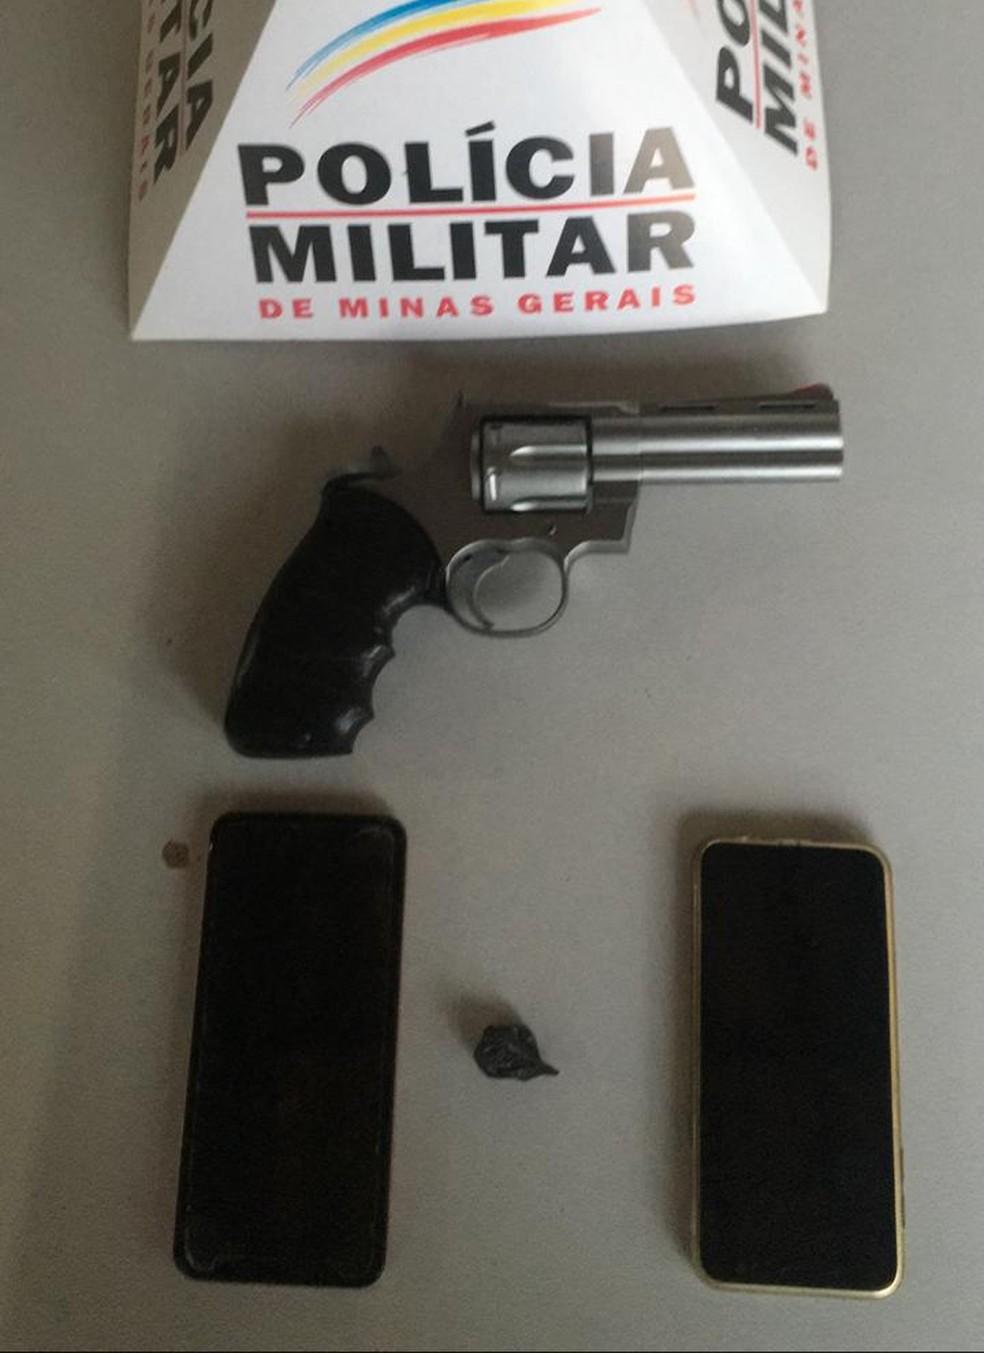 Foragido ameaçou PMs com um simulacro — Foto: Polícia Militar/ Divulgação